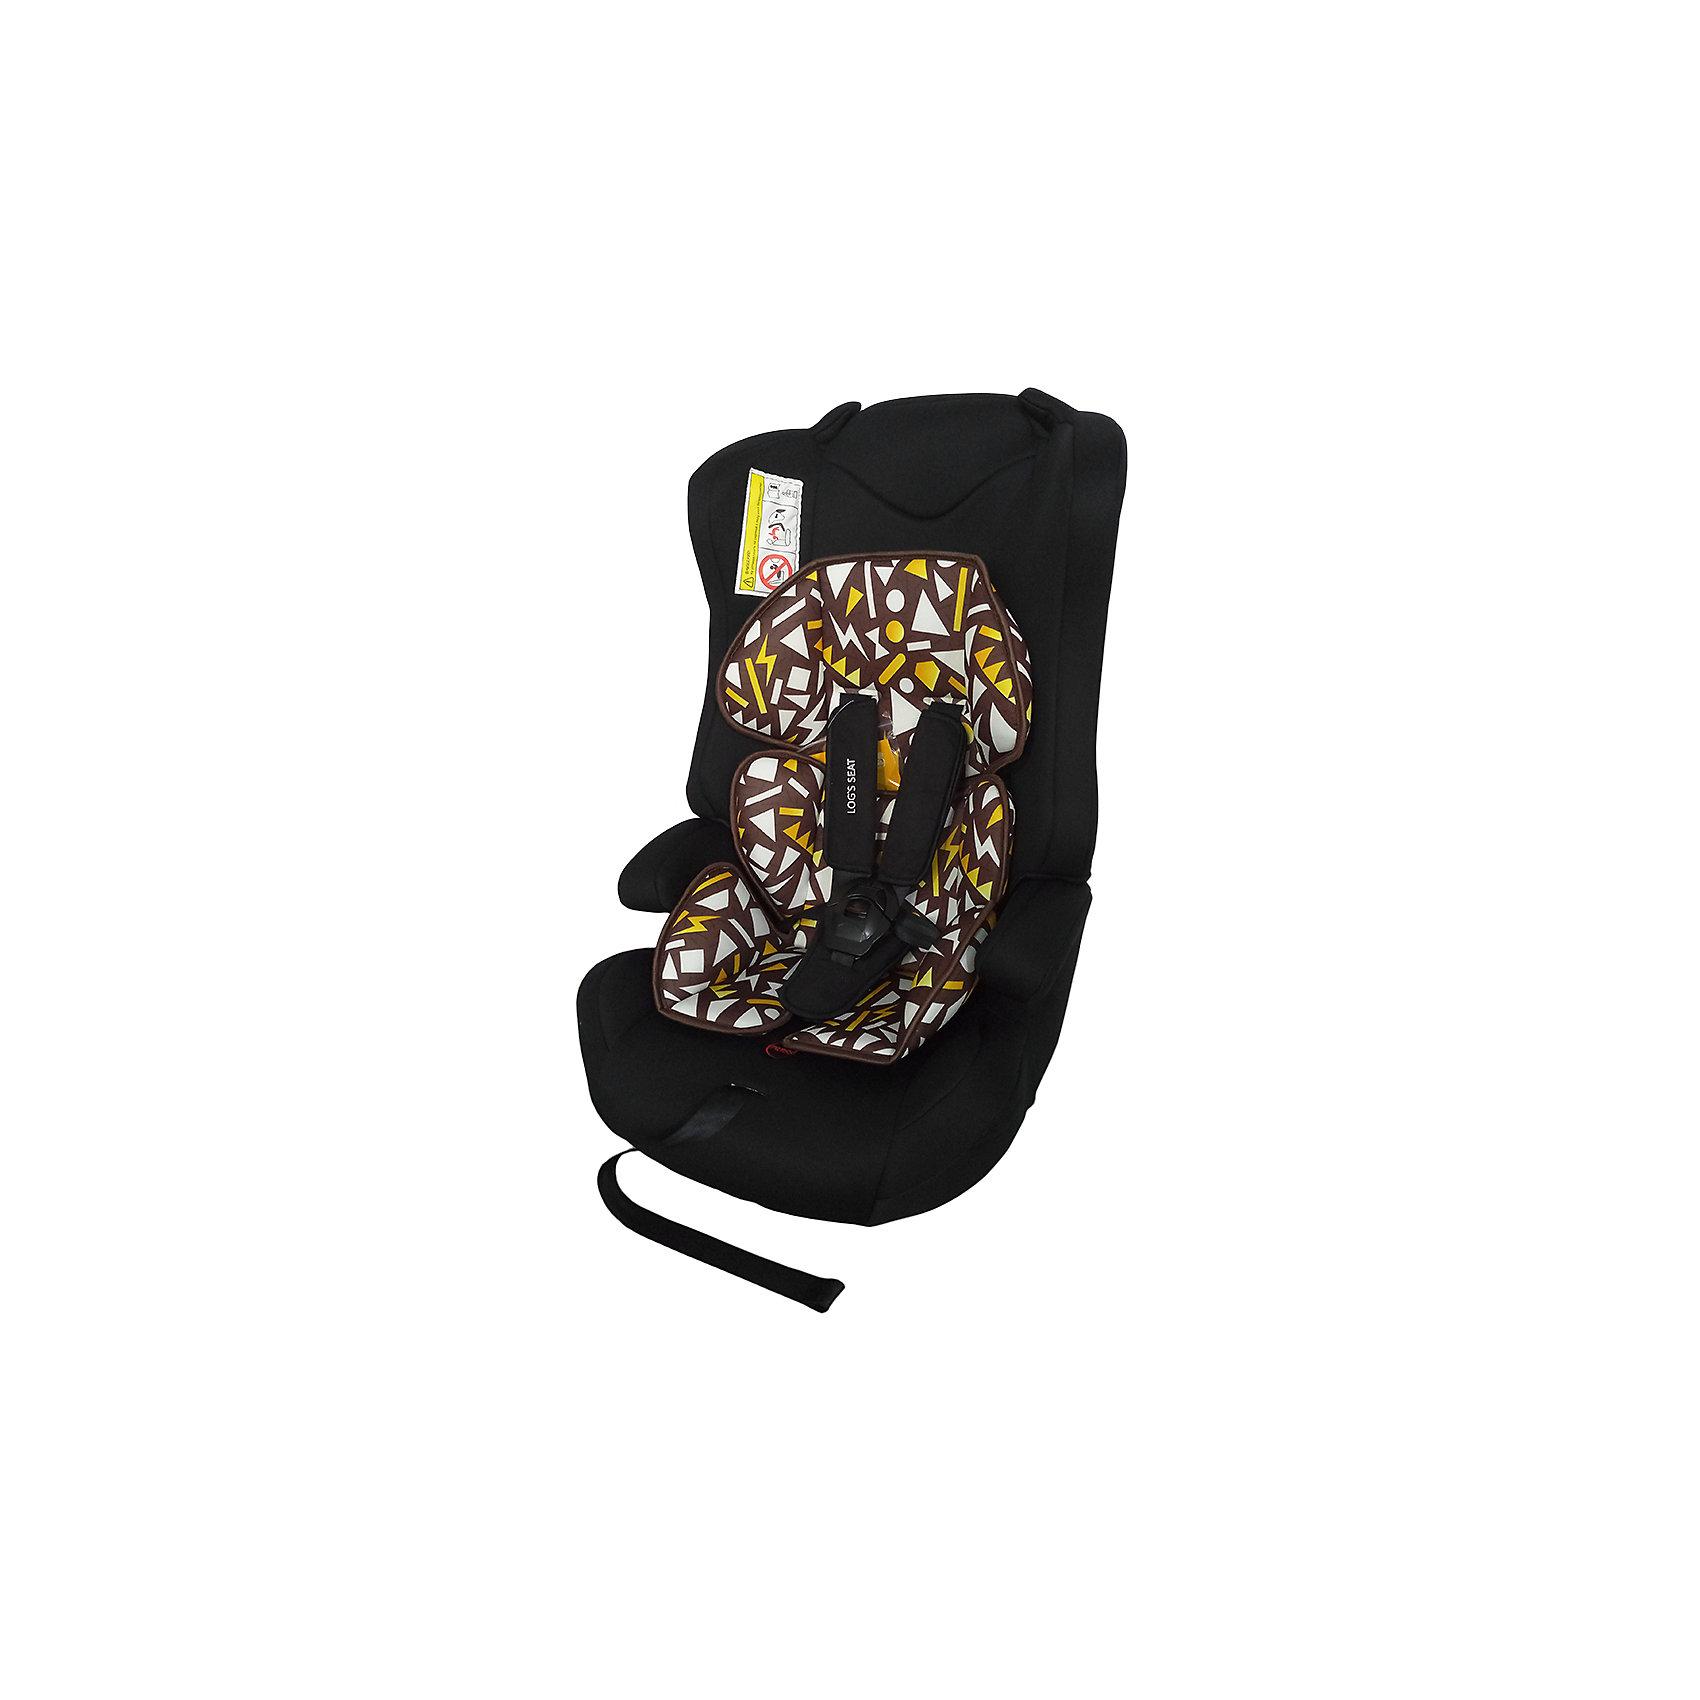 Автокресло LOGS SEAT 9-36 кг., Babyhit, черный с геометрическими фигурамиАвтокресло Logs Seat  (группа 1/2/3)  - отличный вариант для малыша и практичный – для родителей. Его легко чистить благодаря съемному чехлу, а устанавливать кресло в машине очень просто. Пятиточечные ремни безопасности аккуратно, но надежно удерживают ребенка. Немаловажно, что кресло в автомобиле можно использовать как бустер, чтобы оно было более комфортным для подросшего малыша. Кресло оснащено системой защиты при боковом столкновении, так же есть защитные стенки для головы. Предназначено для детей от 9 до 25 кг, без спинки- для детей от 15 до 36 кг.,удобная спинка,  5-ти точечные ремни безопасности с удерживающей системой, препятствующей их соскальзывание с плеч ребёнка, имеются подлокотники, съемный чехол, устанавливается по ходу движения автомобиля,соответствует Евростандарту безопасности ЕСЕ44/3, габариты автокресла 400х 380 х 640 мм.<br><br>Ширина мм: 500<br>Глубина мм: 400<br>Высота мм: 780<br>Вес г: 6000<br>Возраст от месяцев: 6<br>Возраст до месяцев: 144<br>Пол: Унисекс<br>Возраст: Детский<br>SKU: 5500255